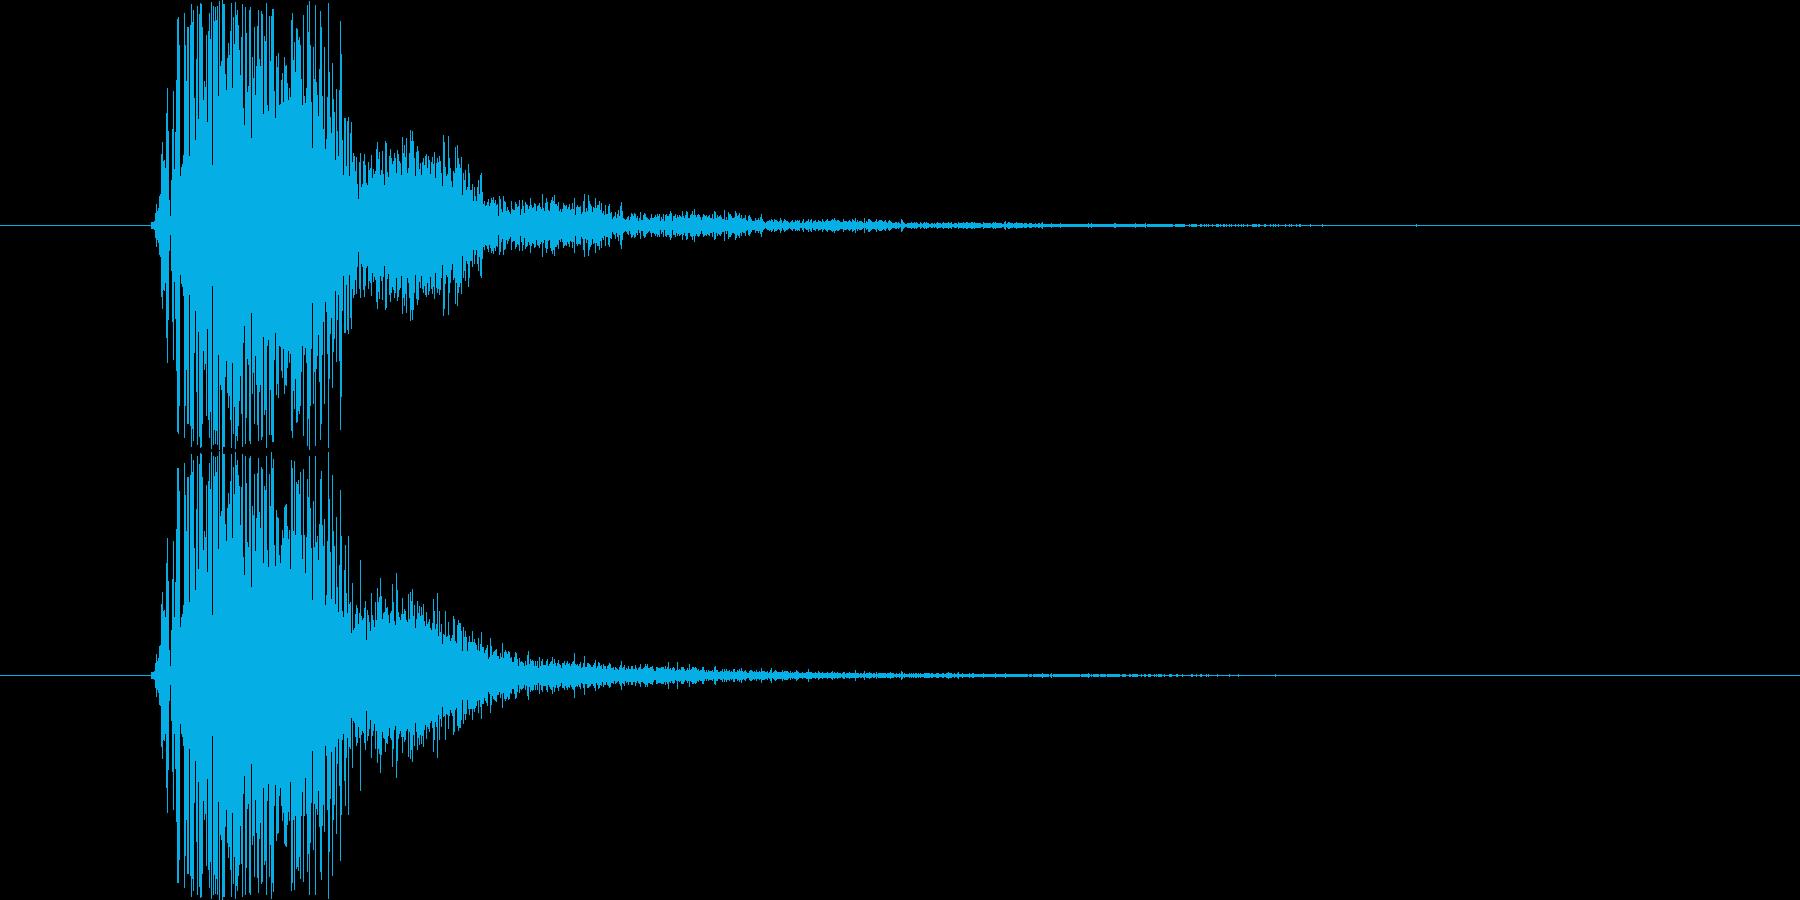 SF系の明るい「ナイス!」という声の再生済みの波形